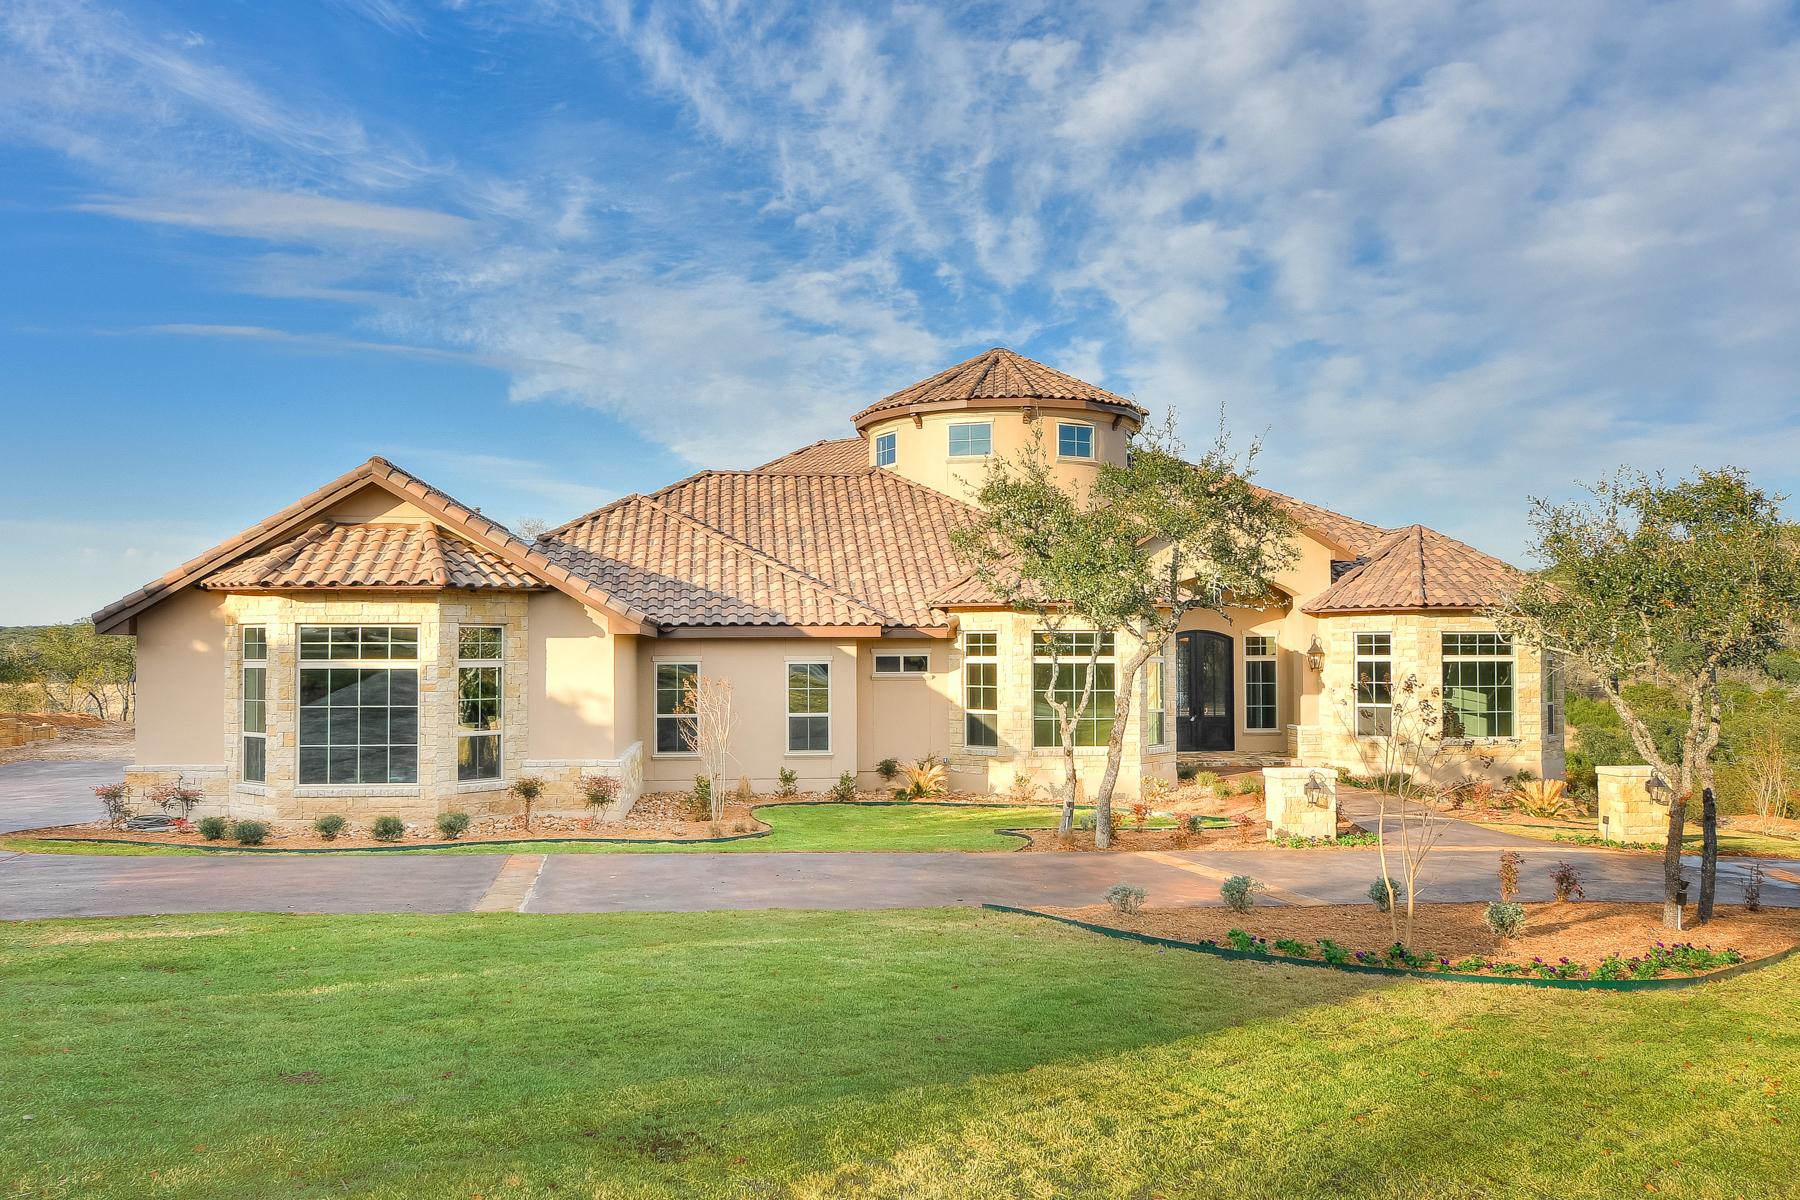 단독 가정 주택 용 매매 에 Great Home in Anaqua Springs Ranch 24927 Caliza Terr Boerne, 텍사스, 78006 미국